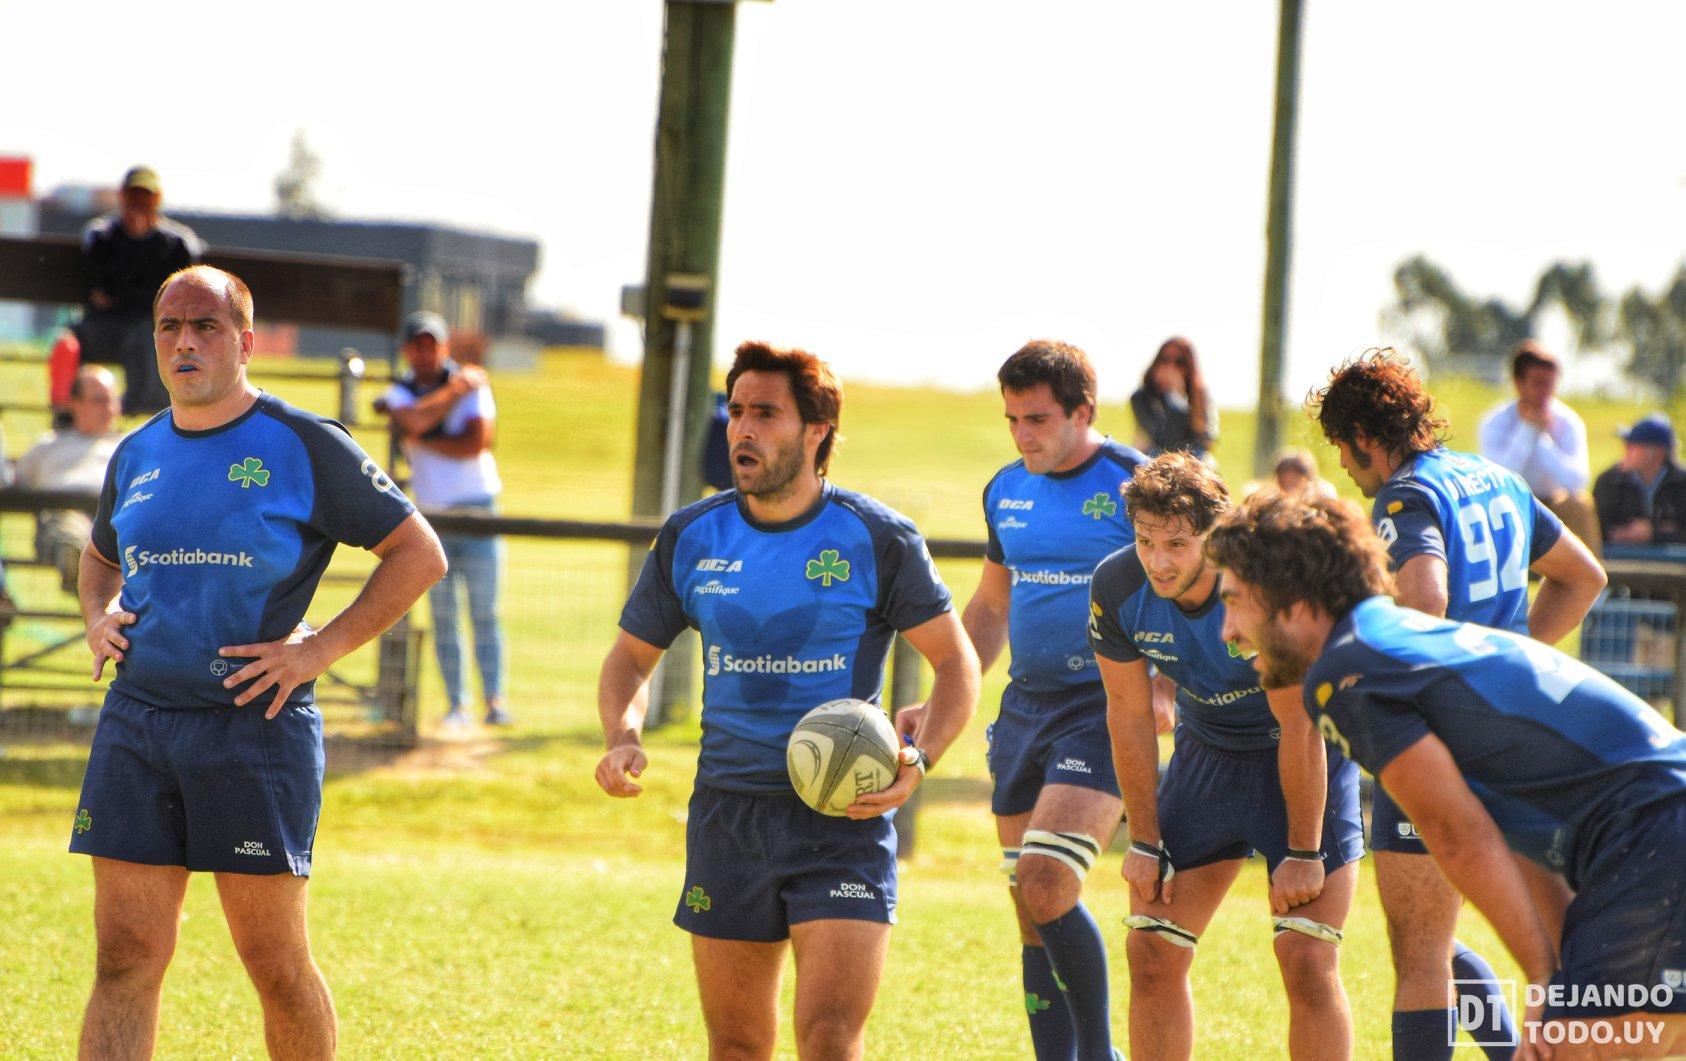 Se disputó la 9ª Fecha del Campeonato Uruguayo de Primera División